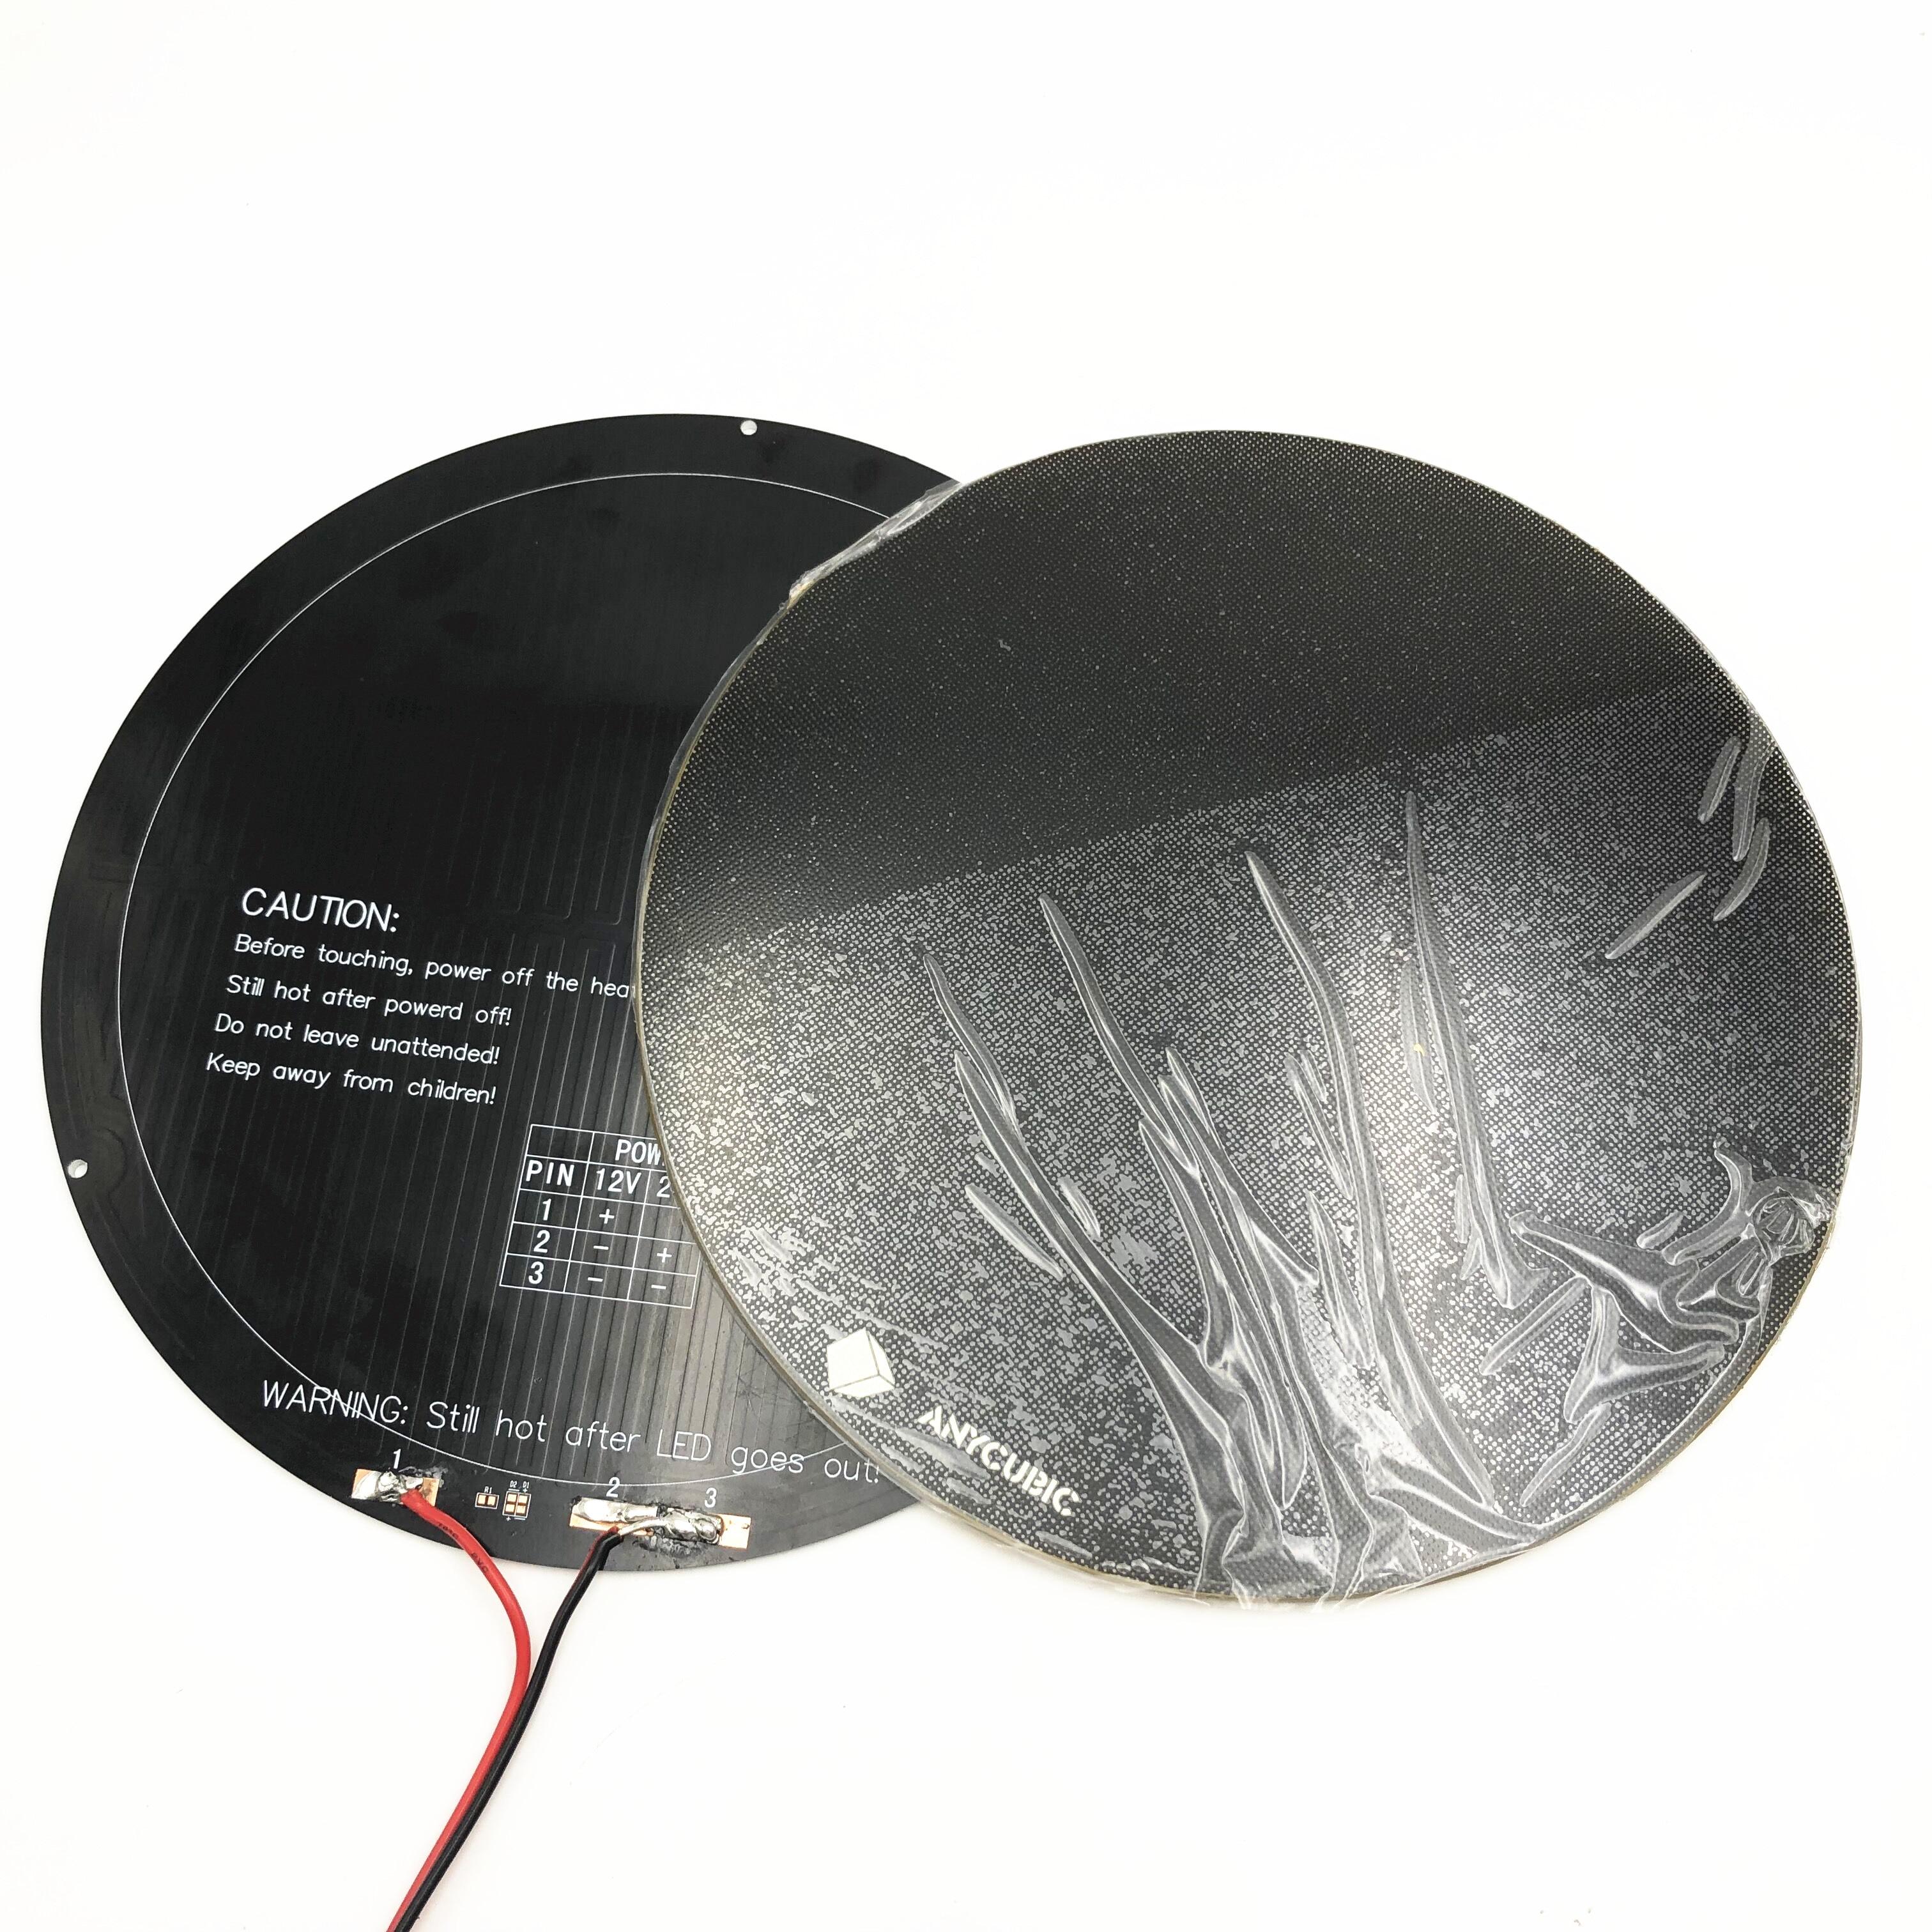 3 мм алюминий 240 мм Горячая кровать 4 мм ультрабук сборка поверхности стеклянная пластина для diy ANYCUBIC шкив/линейный плюс коссель 3d принтер